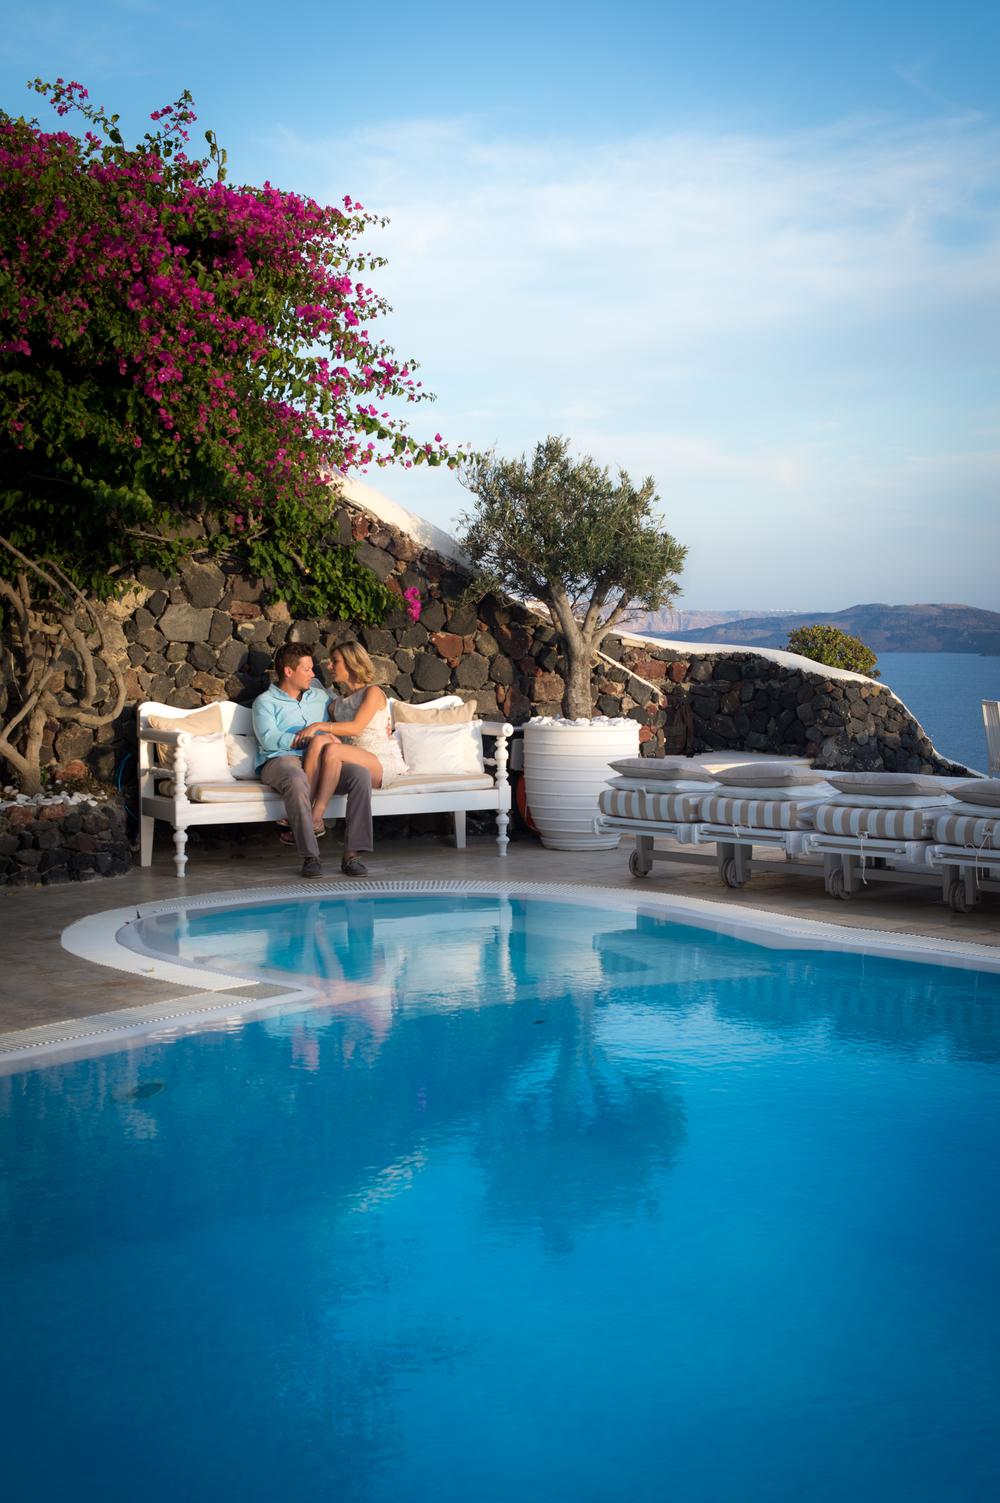 Flytographer: Nikos in Santorini